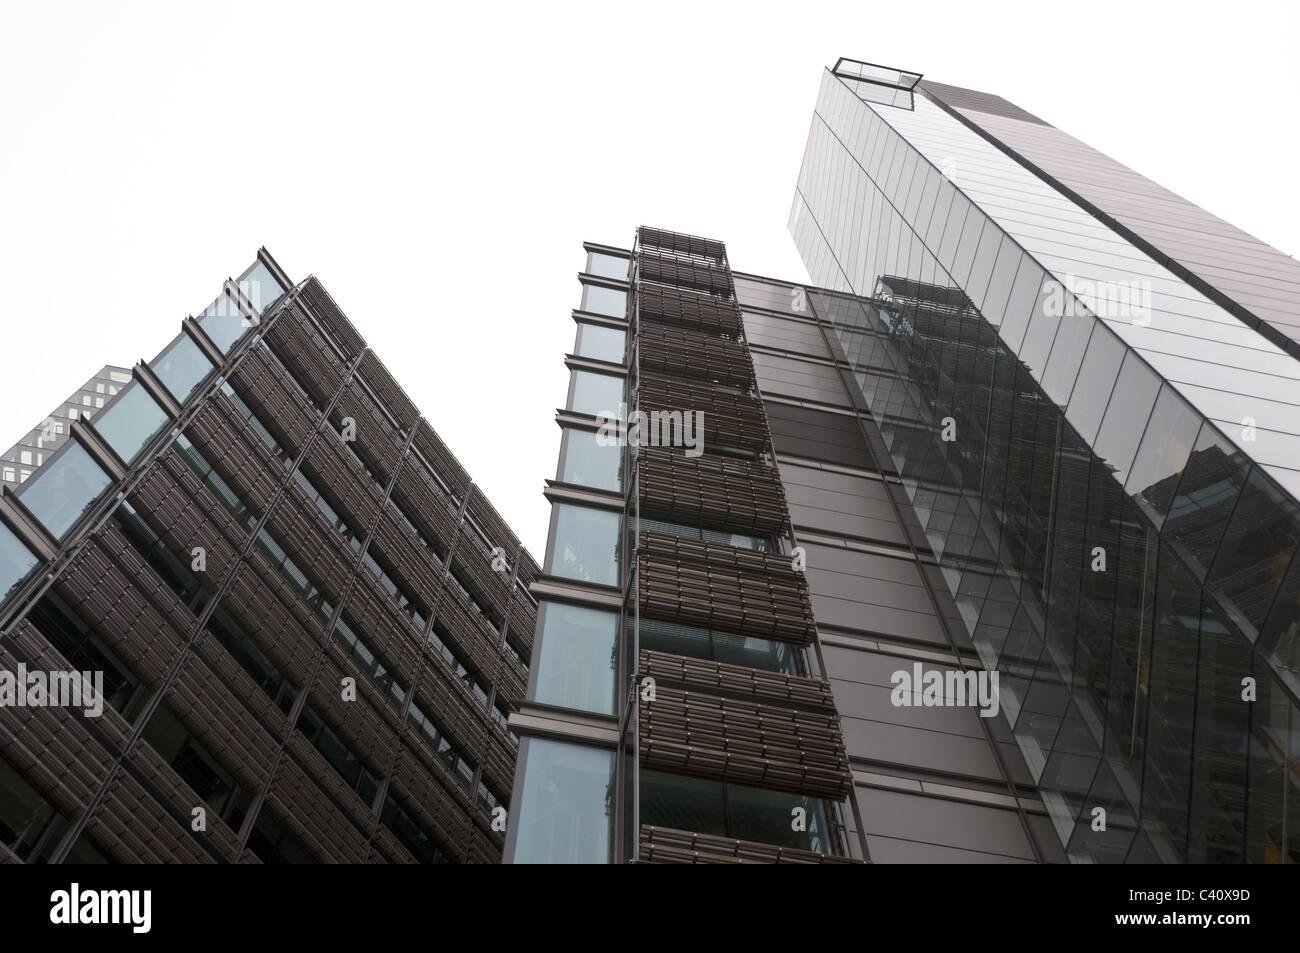 Moderna e contemporanea architettura di vetro, edificio per uffici a Paddington Basin Waterfront, Londra, Inghilterra, Immagini Stock